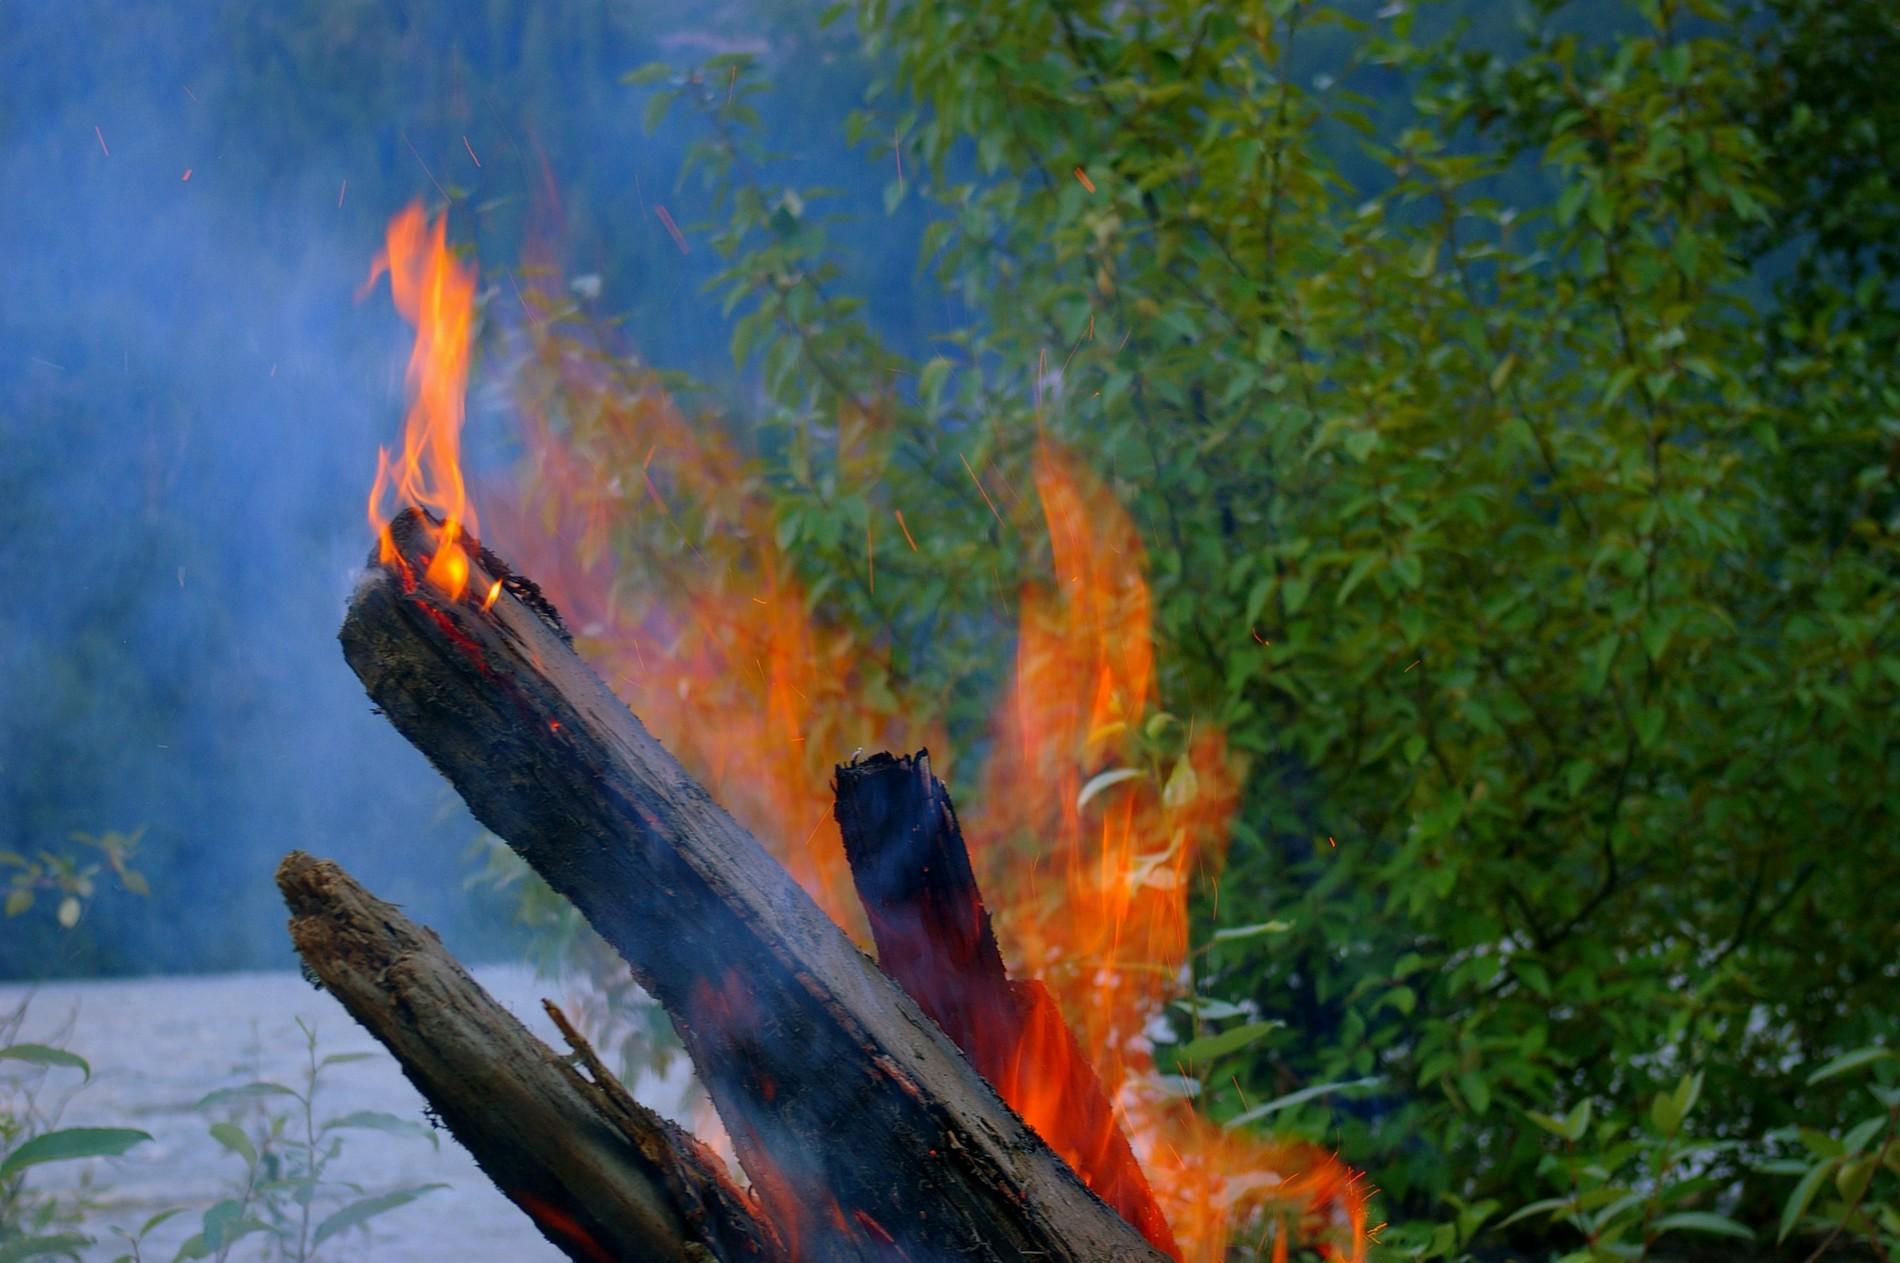 peut-on bruler du bois en france?